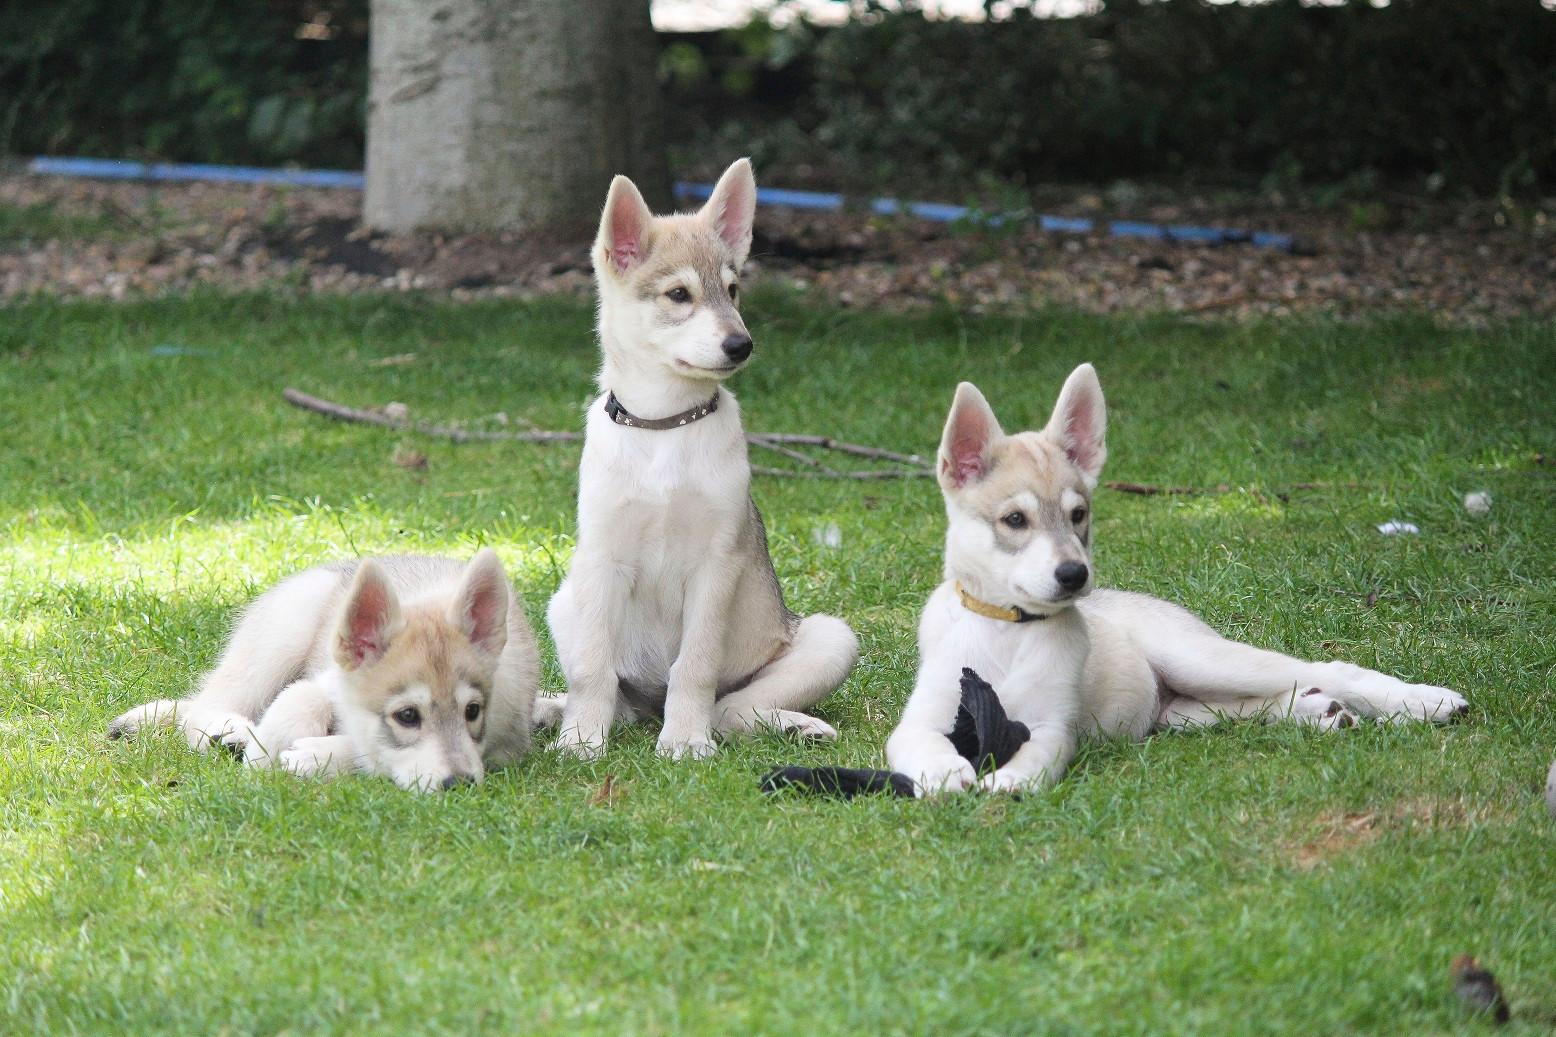 Mij and Korra puppies 2019